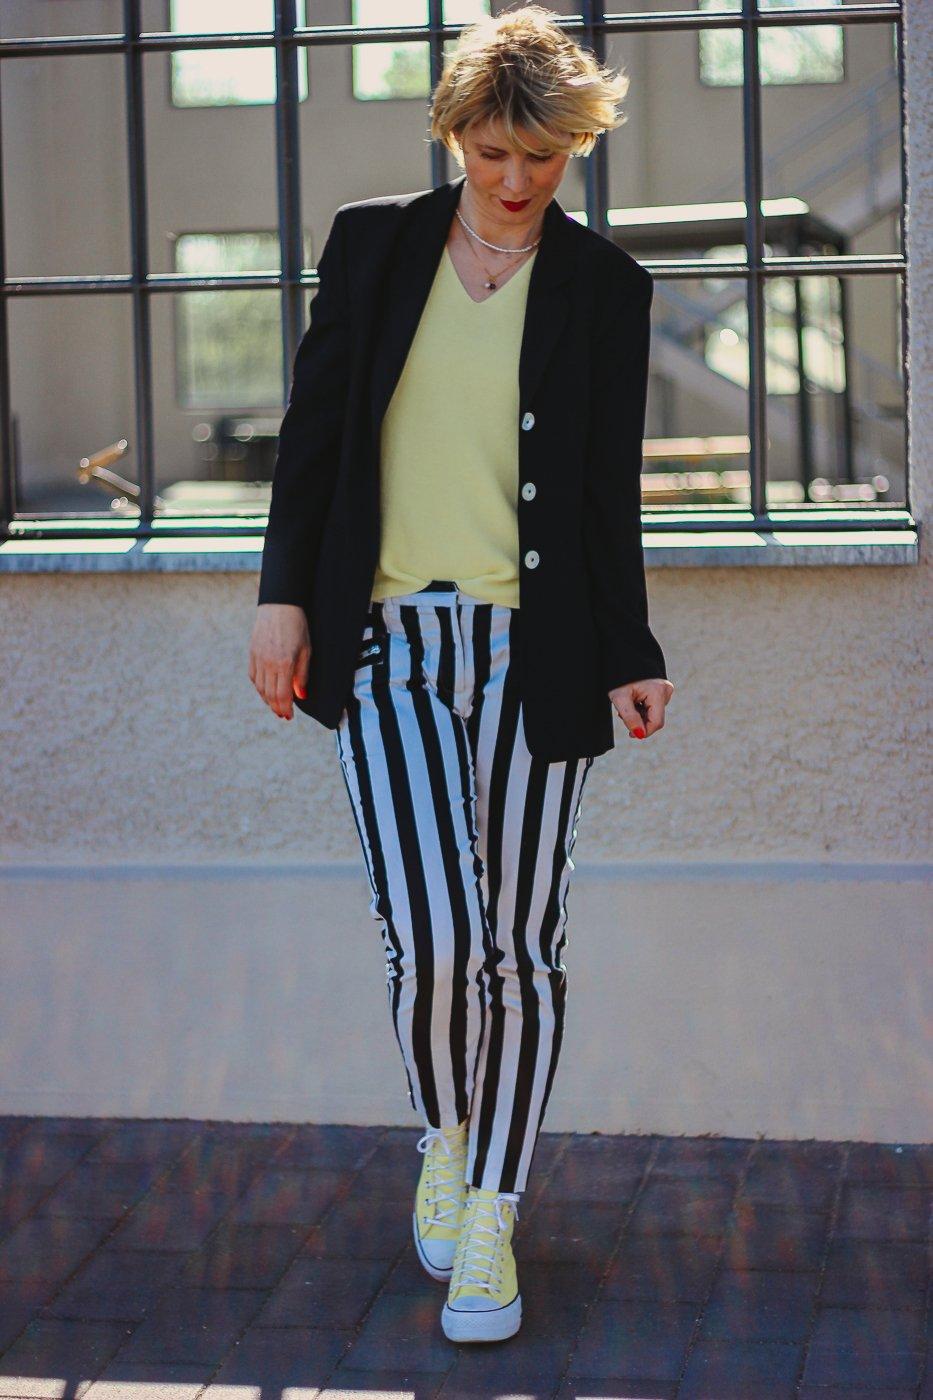 conny doll lifestyle: Trendy Looks mit alter Kleidung - kann ich alte Kleidung zeitgemäß kombinieren?